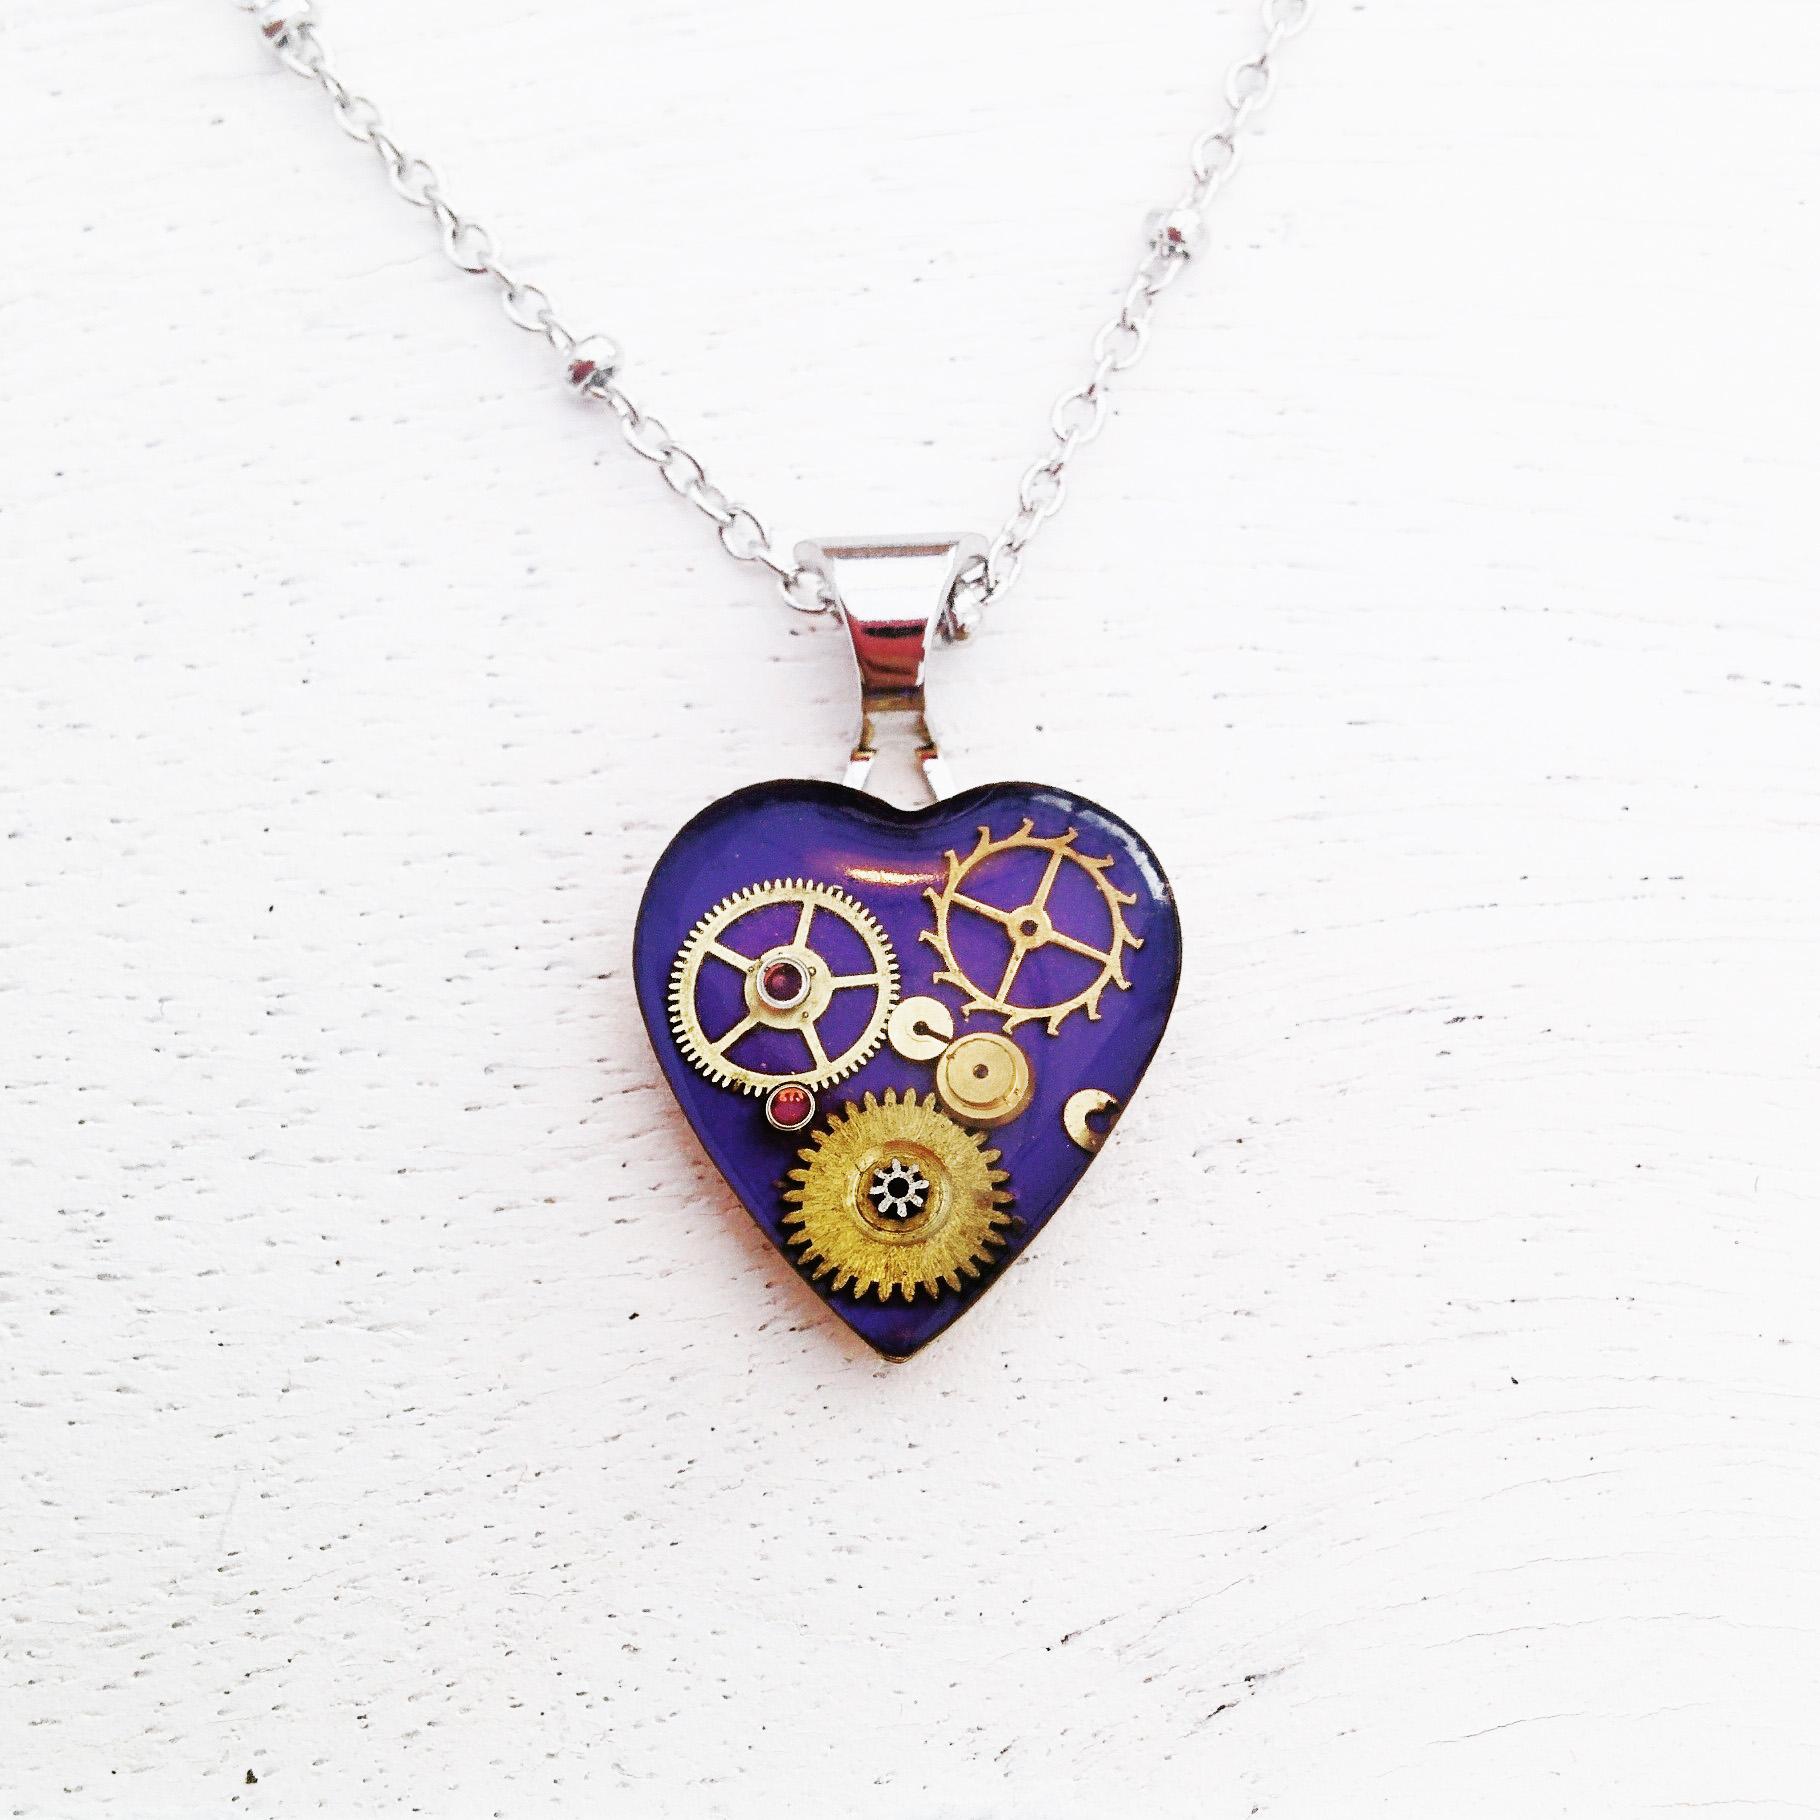 aminda-wood-mini-mechanical-heart.jpg